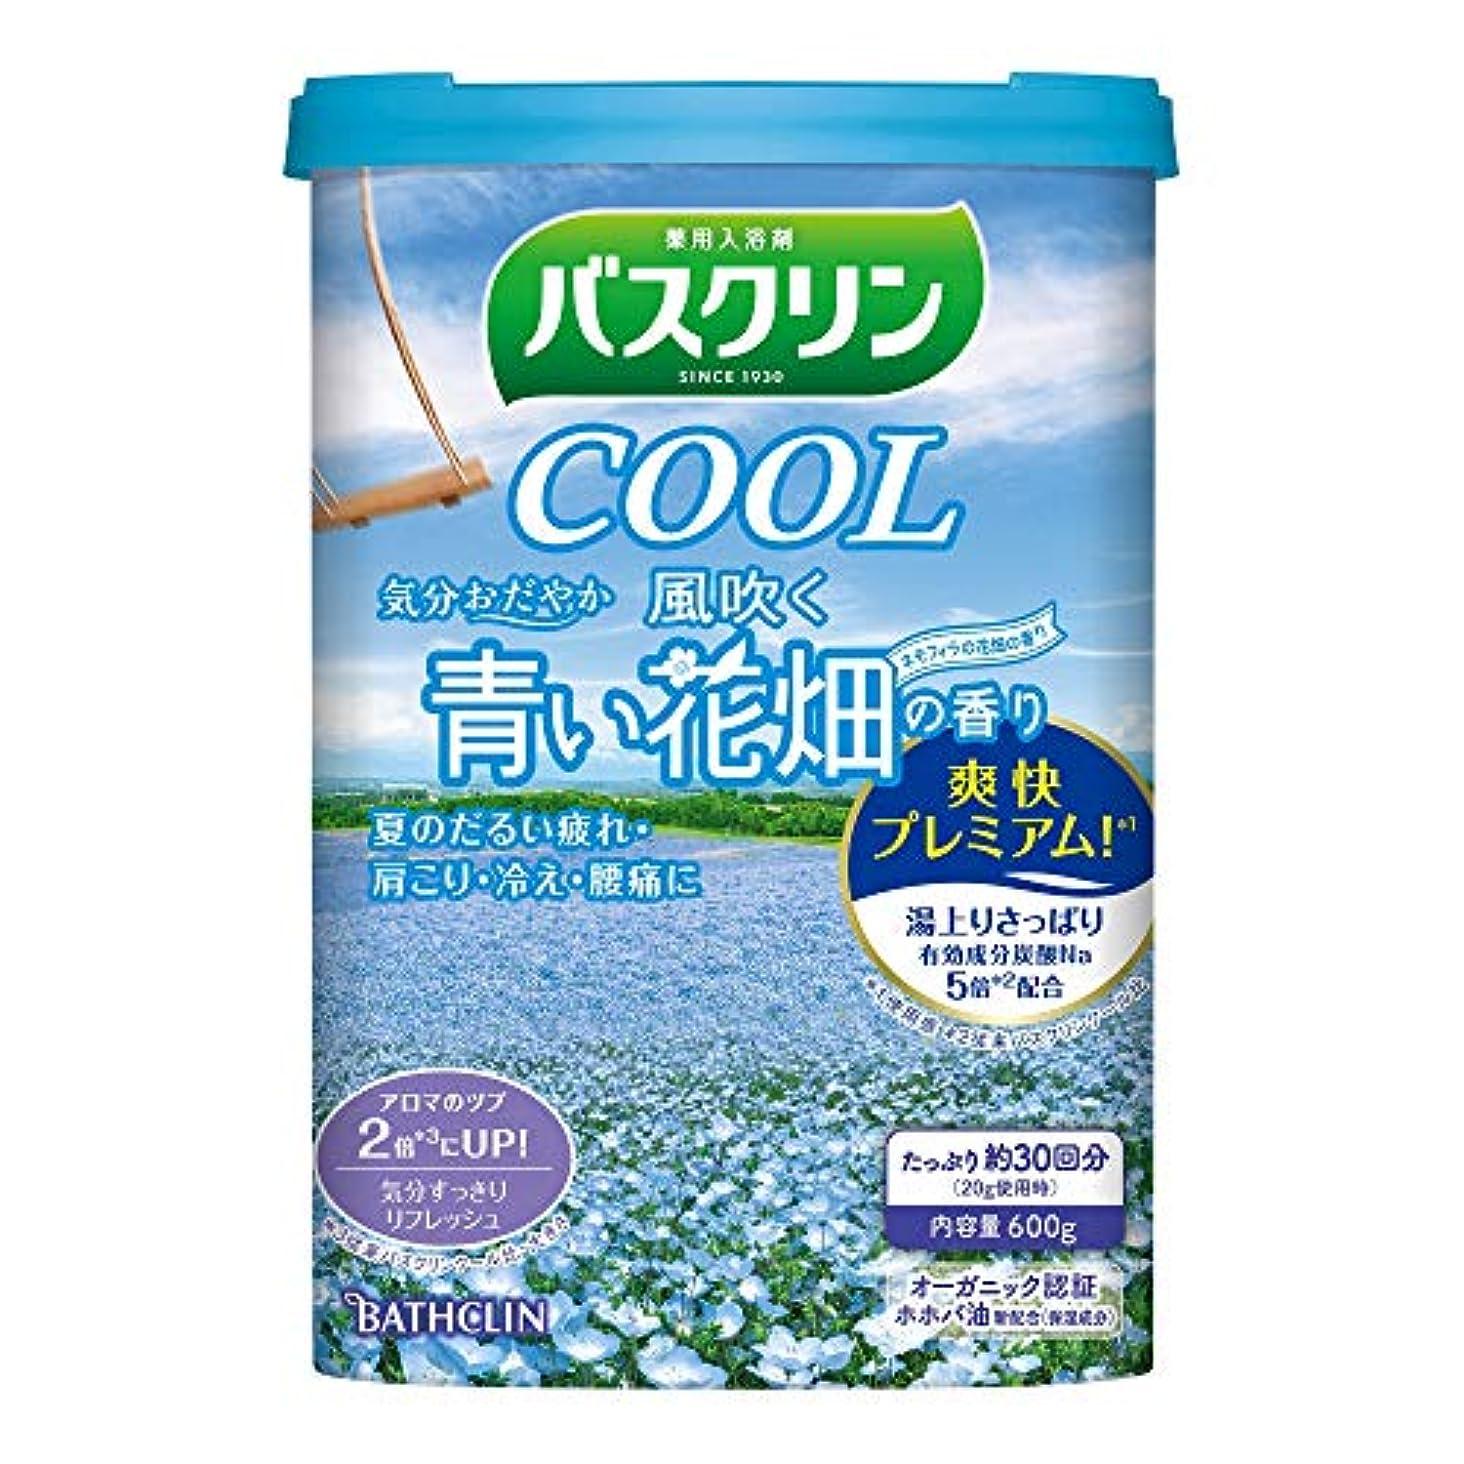 衝突する親密なアンソロジー【医薬部外品】バスクリンクール入浴剤 風吹く青い花畑の香り600g クール入浴剤 すっきりさわやか